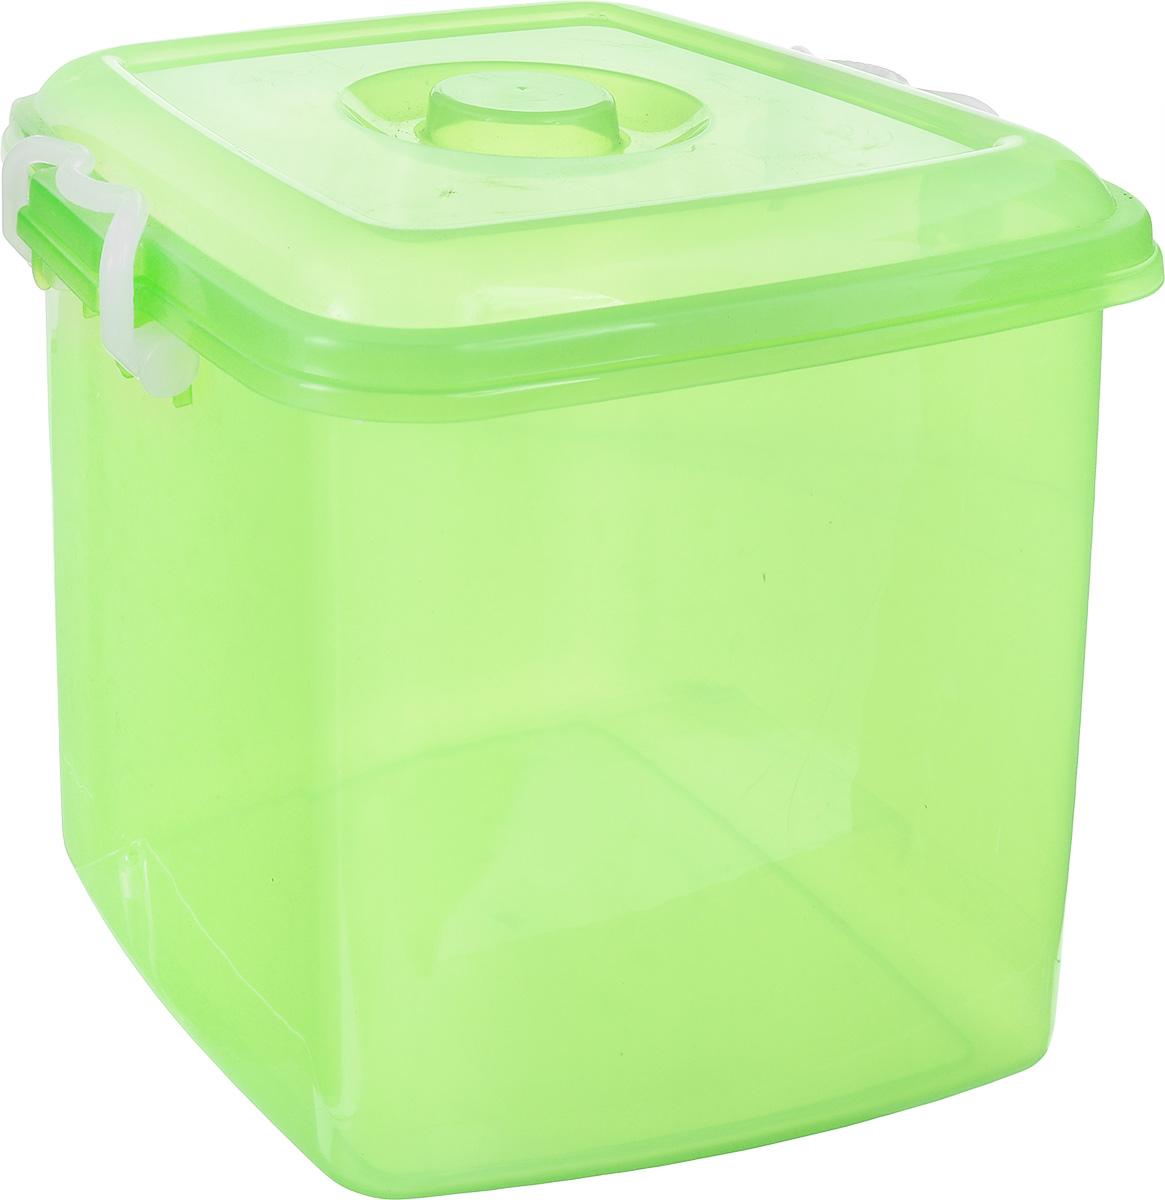 Контейнер для хранения Idea Океаник, цвет: светло-зеленый, 20 лМ 2858Контейнер Idea Океаник выполнен из высококачественного полипропилена, предназначен для хранения различных вещей. Контейнер снабжен эргономичной плотно закрывающейся крышкой со специальными боковыми фиксаторами. Объем контейнера: 20 л.